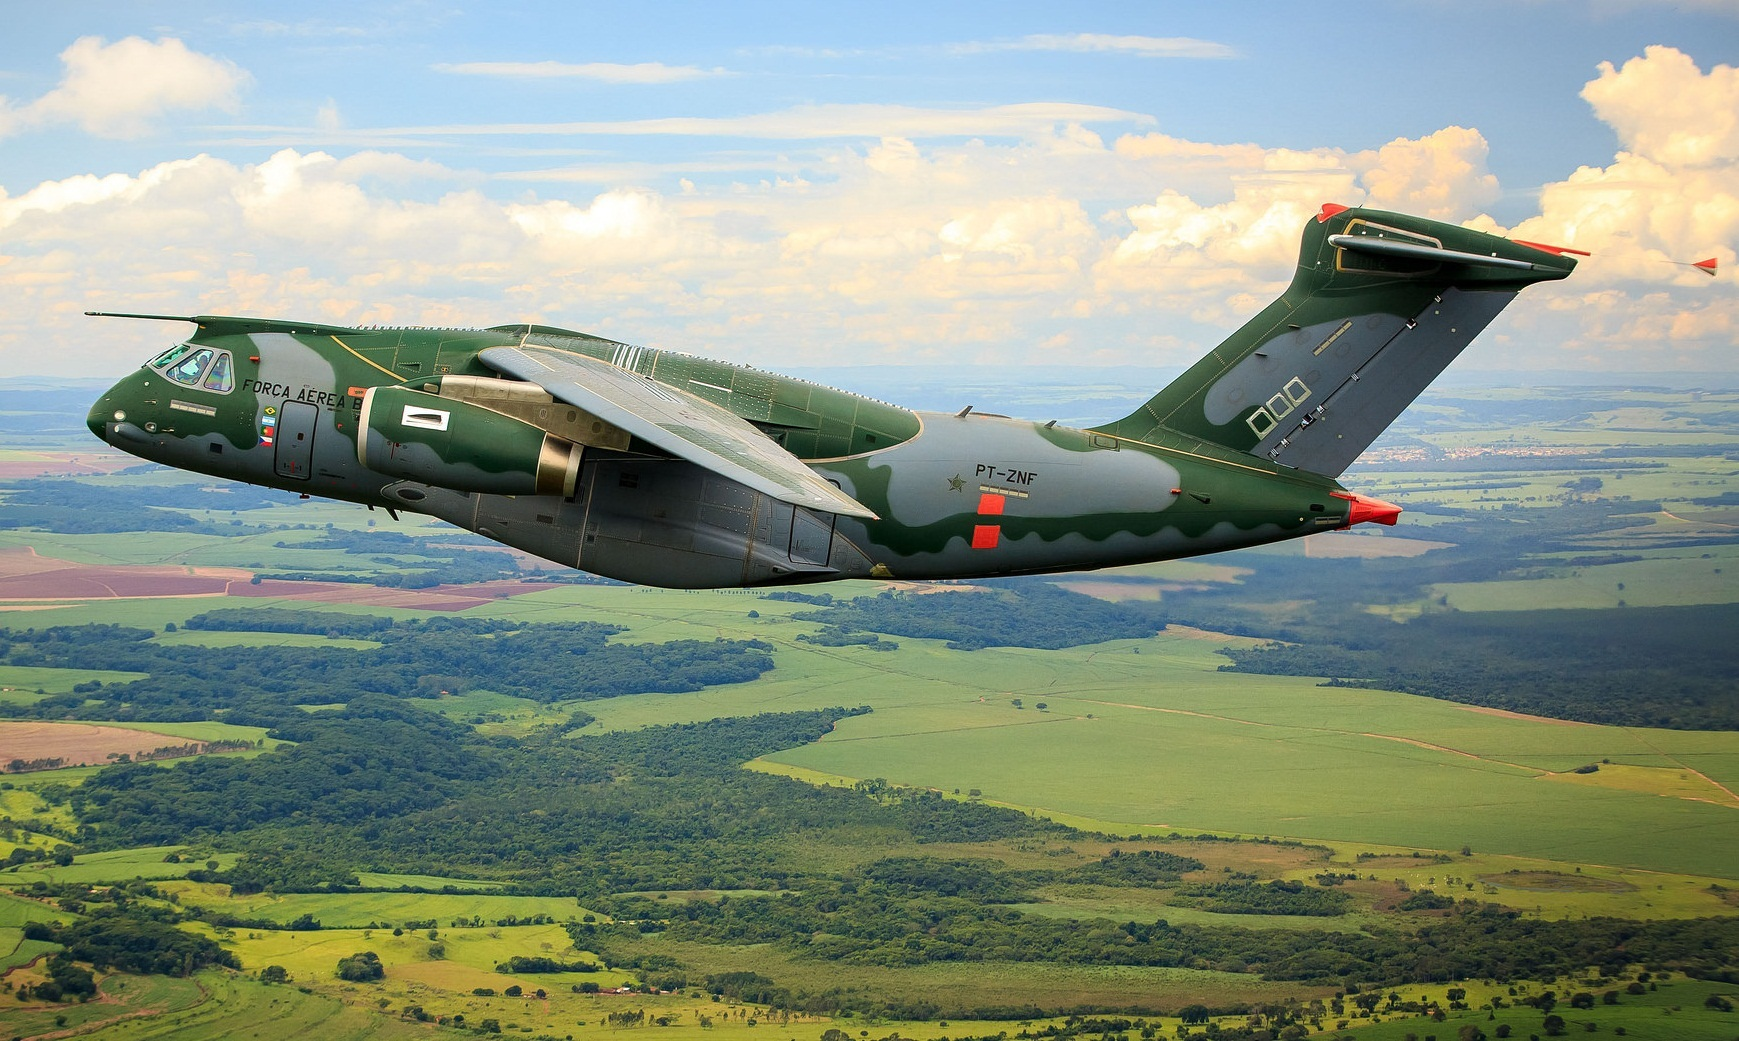 KC-390 em voo no interior de São Paulo - foto 2 FAB - Sgt Batista